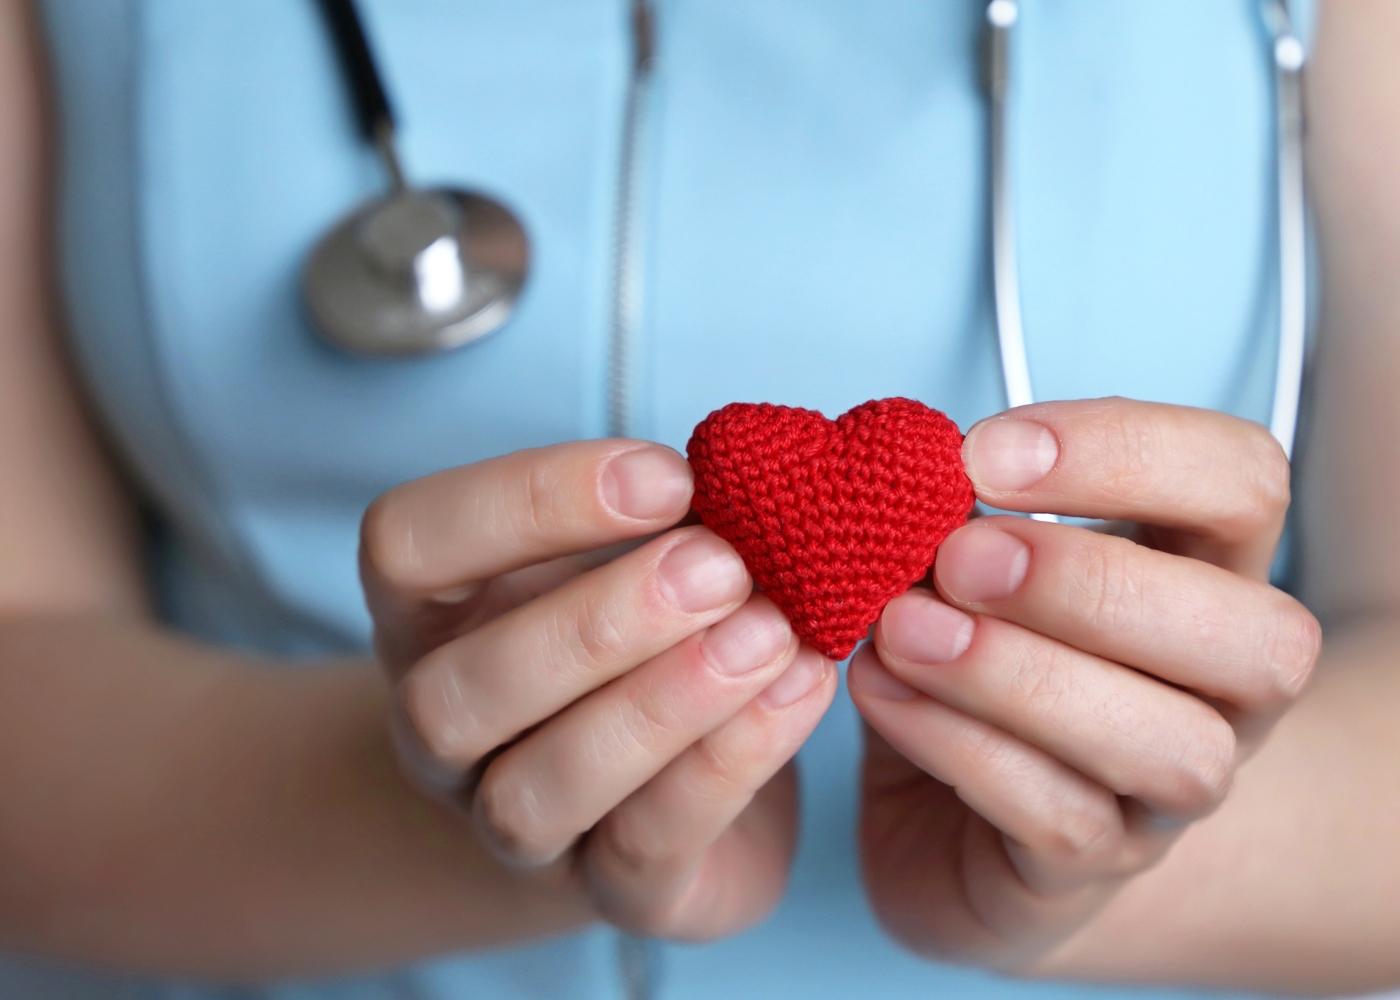 Profissional de saúde com maquete de coração nas mãos